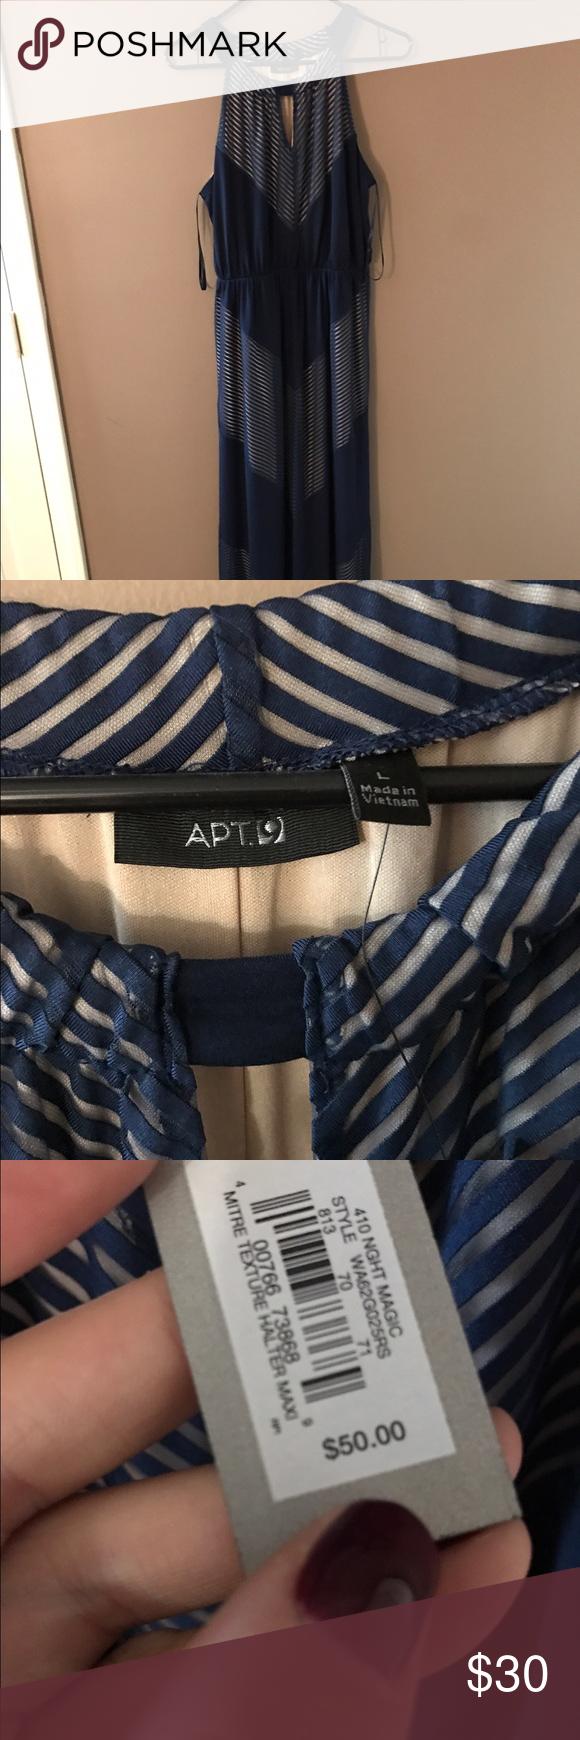 NWT APT. 9 DRESS New never worn Apt. 9 Dresses Maxi